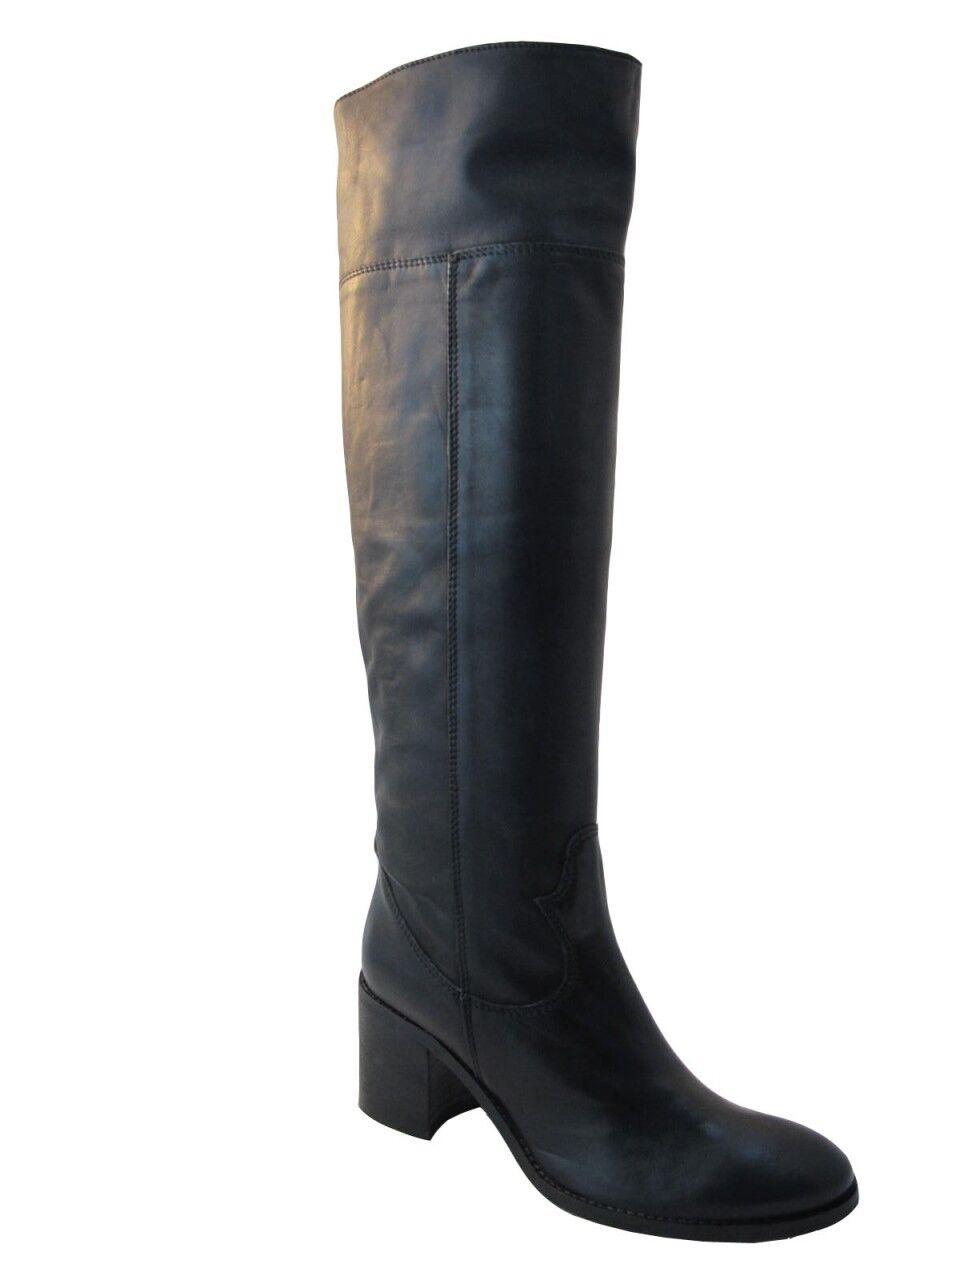 Para mujeres cuero italiano Davinci la rodilla botas altas 2572 2572 2572  ahorra hasta un 50%